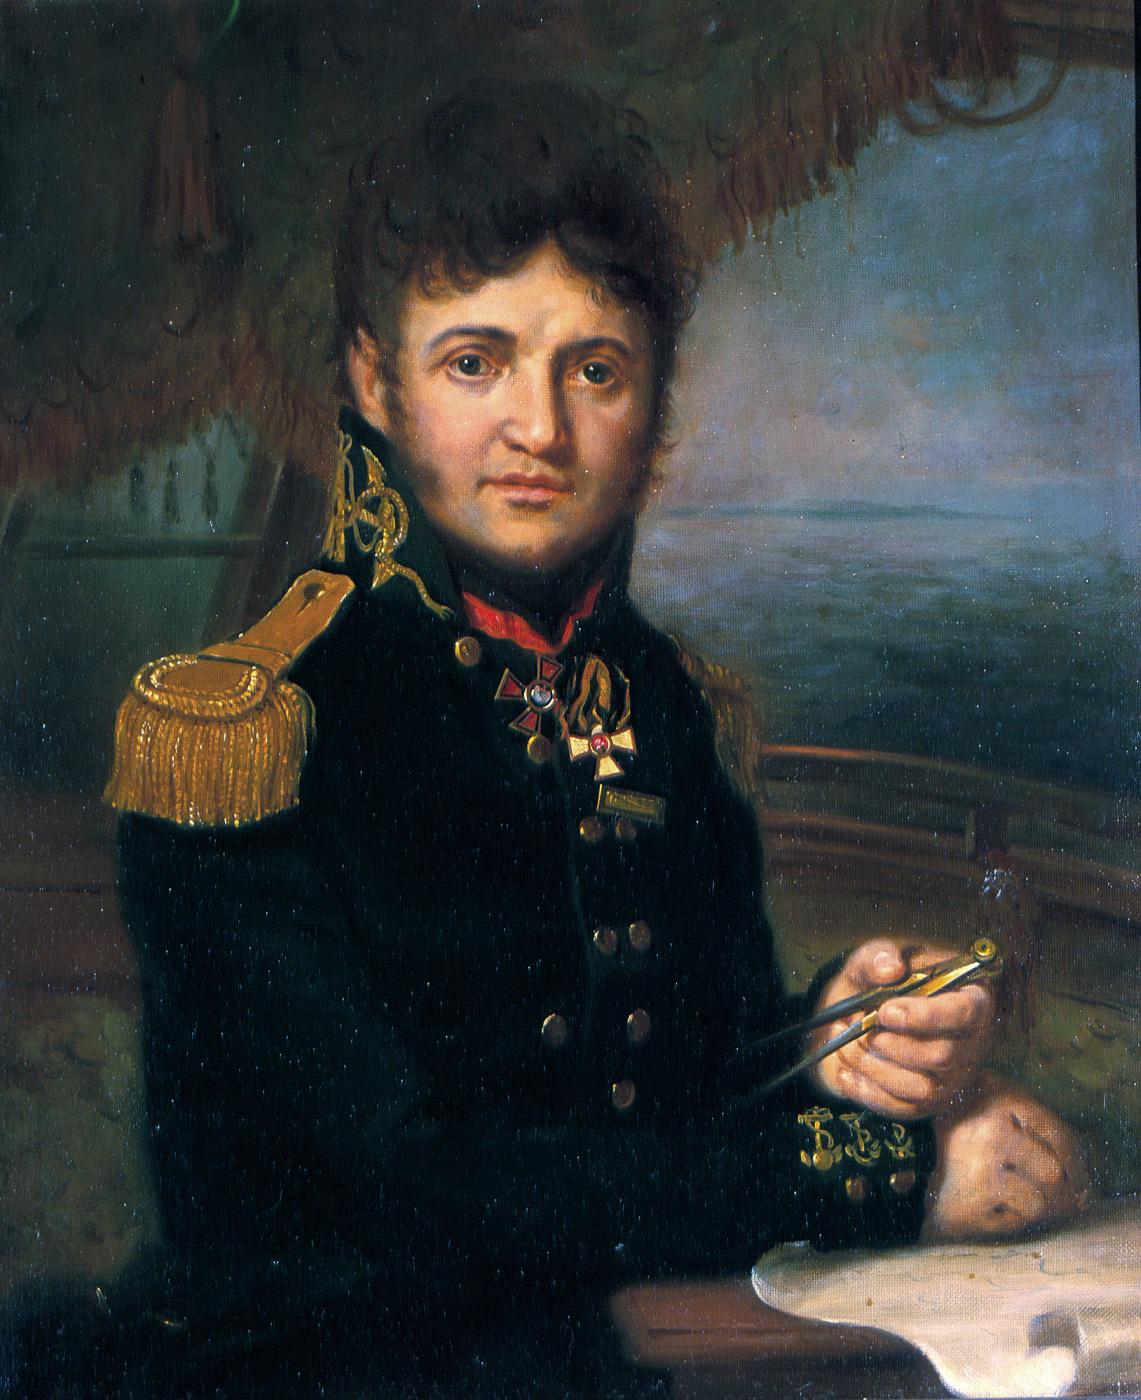 Vladimir Borovikovsky. Portrait of Yuri Lisyansky, officer of the Russian fleet and traveler